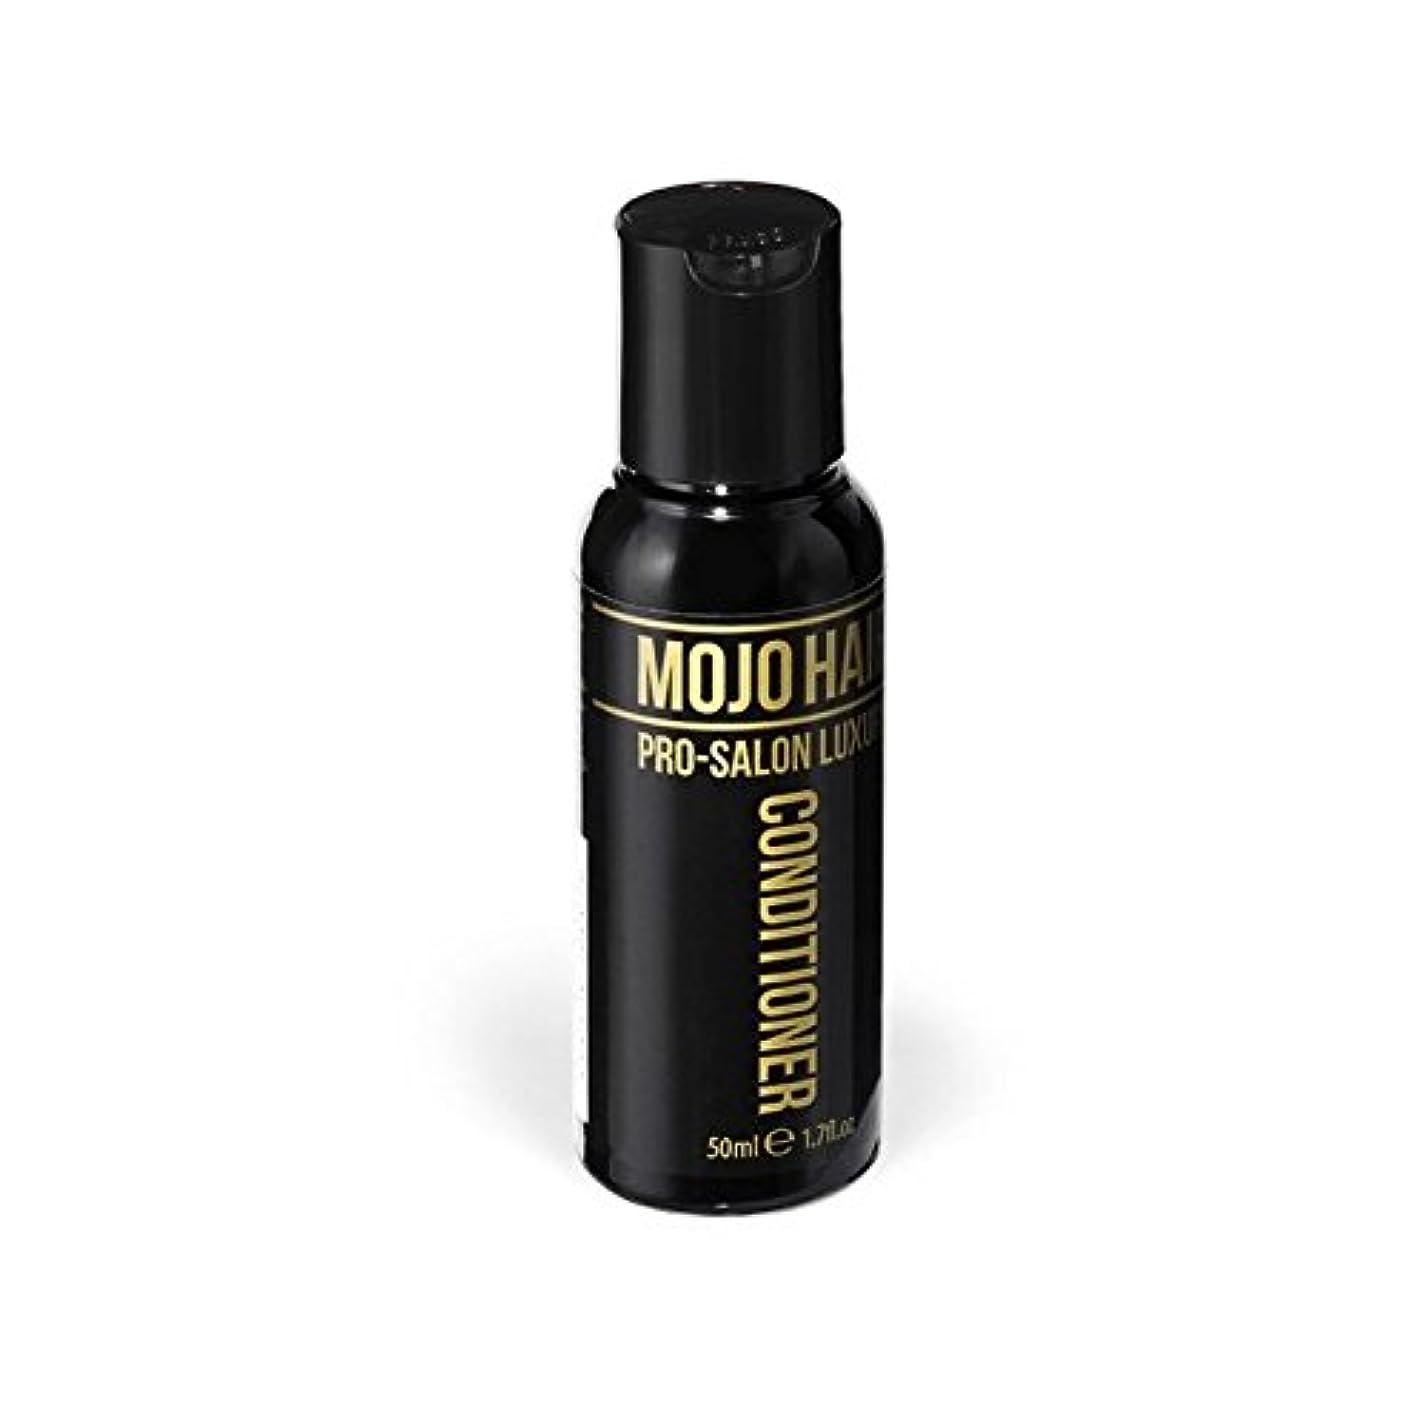 データム改修絡み合いモジョの毛プロのサロンの贅沢なコンディショナー(50ミリリットル) x4 - Mojo Hair Pro-Salon Luxury Conditioner (50ml) (Pack of 4) [並行輸入品]